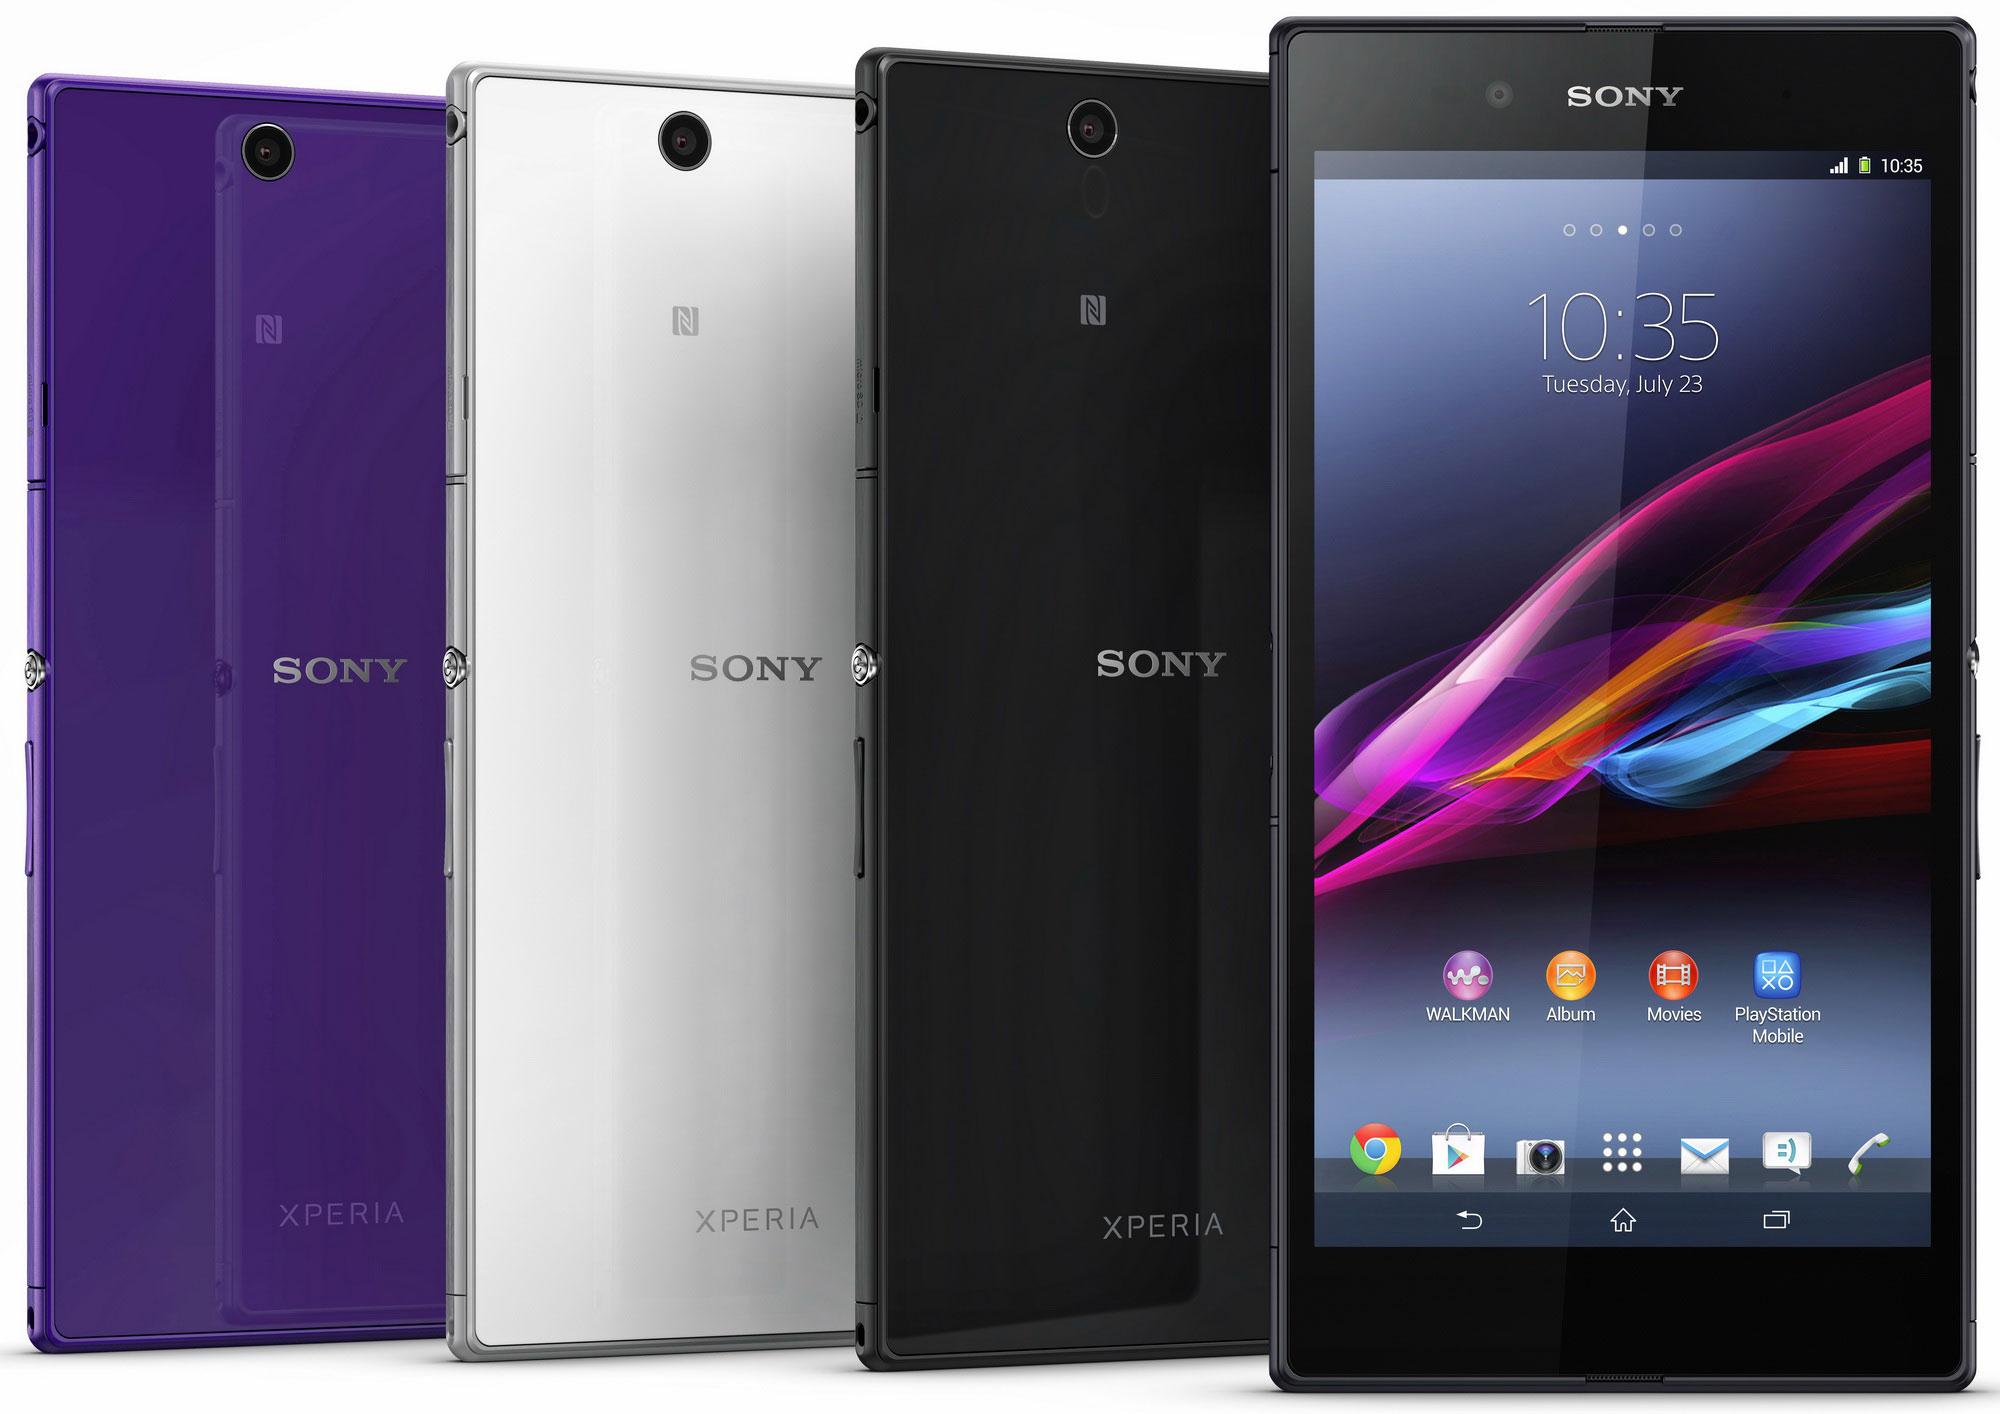 Sony Xperia Z Ultra C6806 Vs Blackberry Z10 Stl100 1 Phonegg